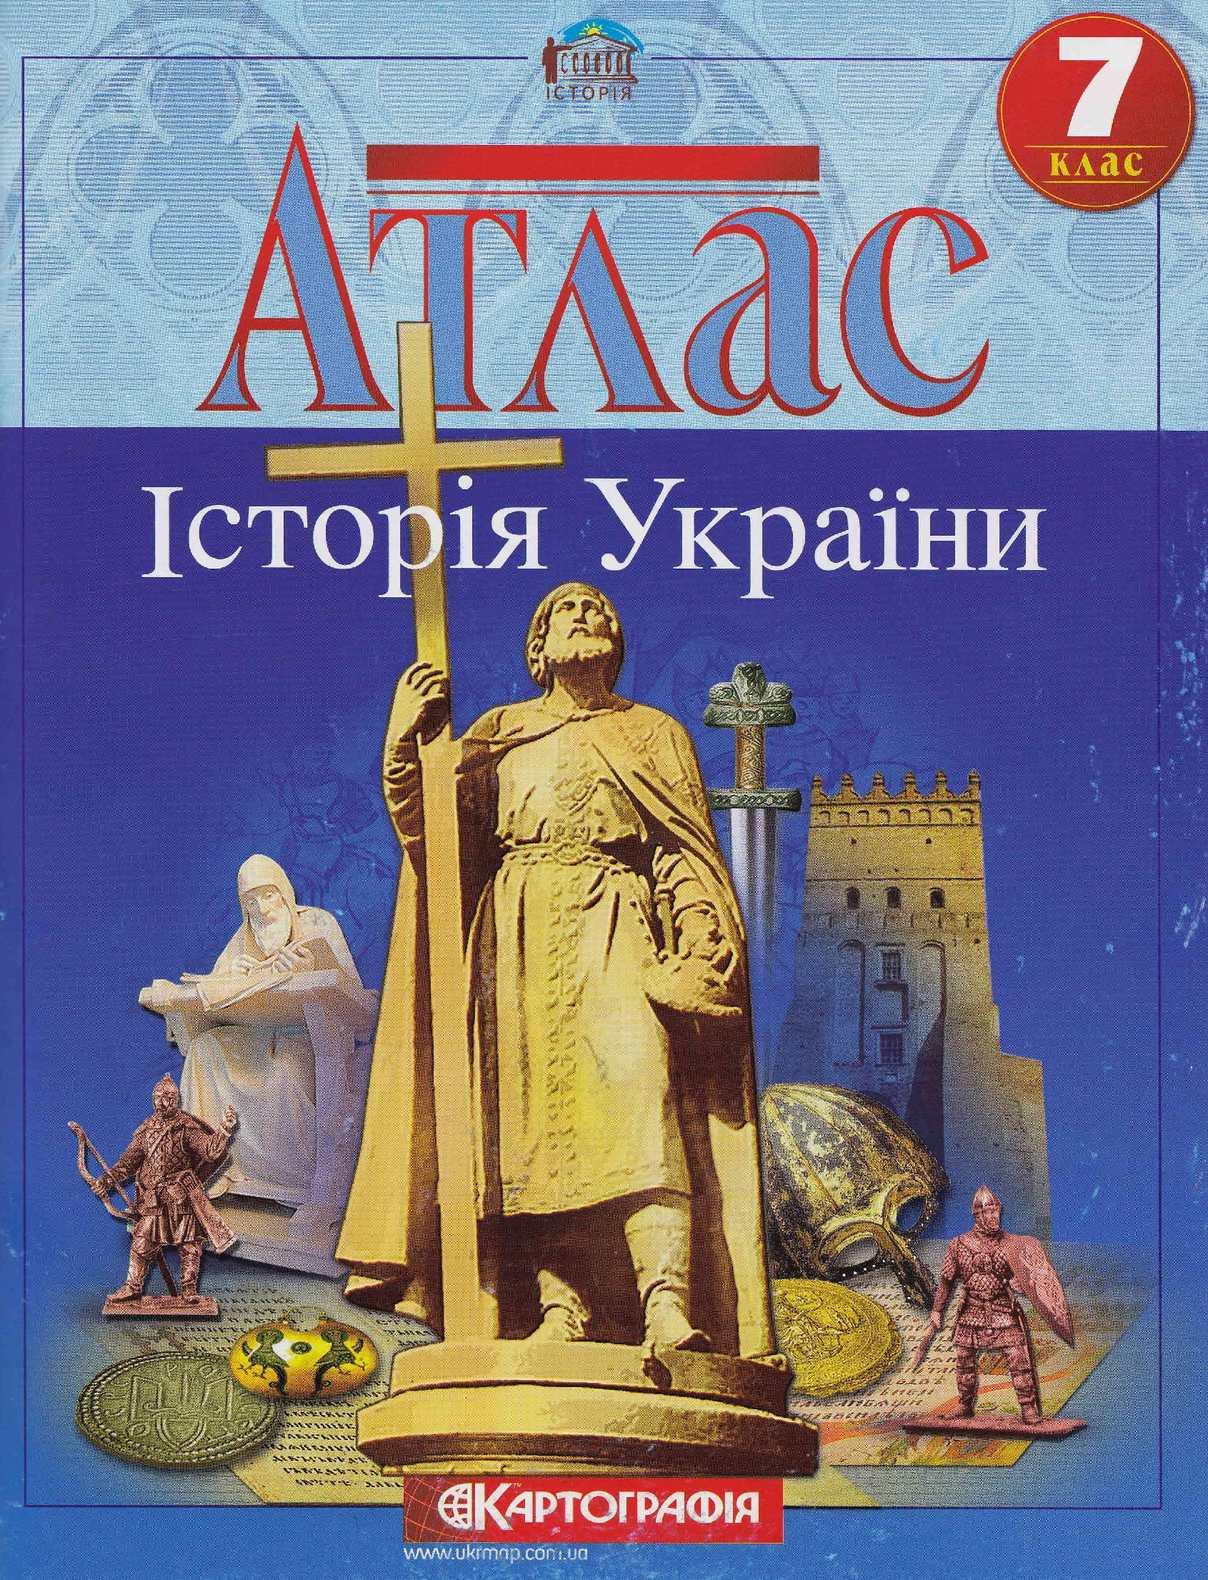 7 Klas Atlas Istoriya Ukrayini KARTOGRAFIYa